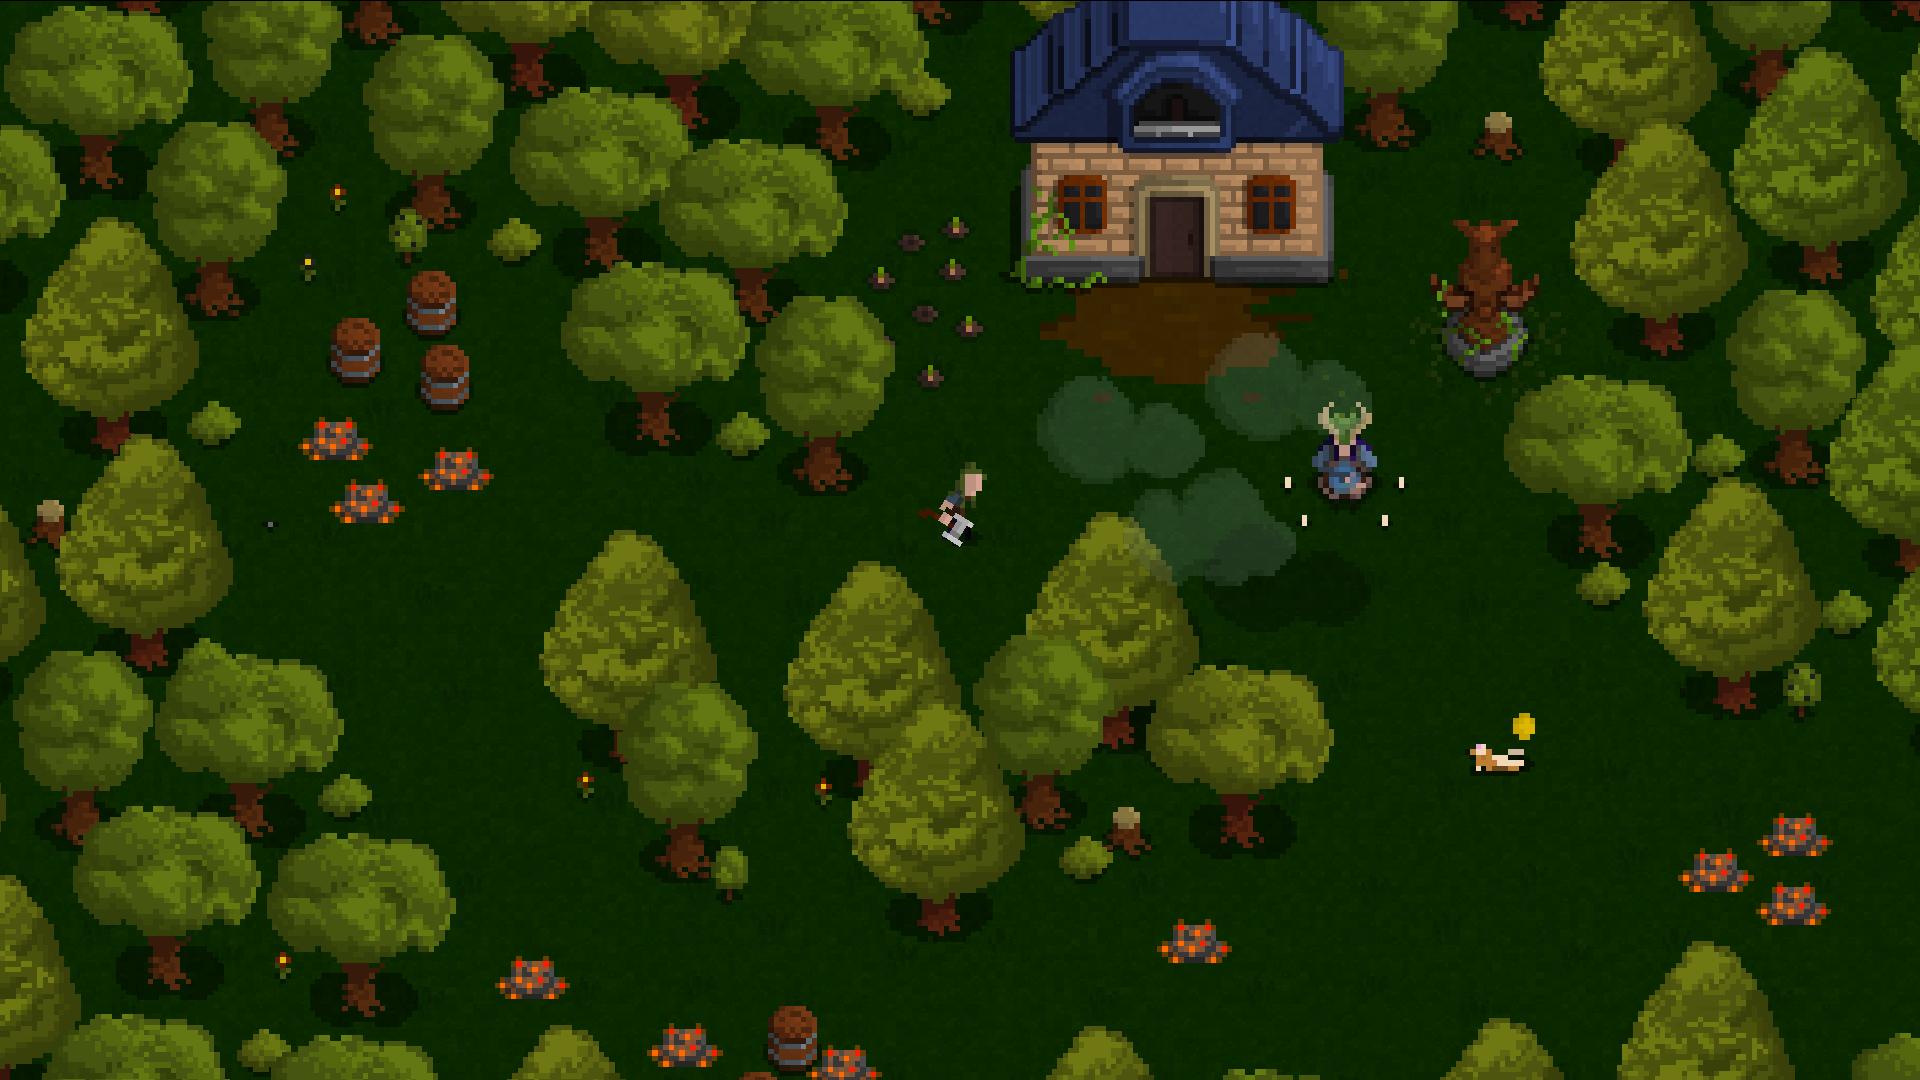 Totem screenshot